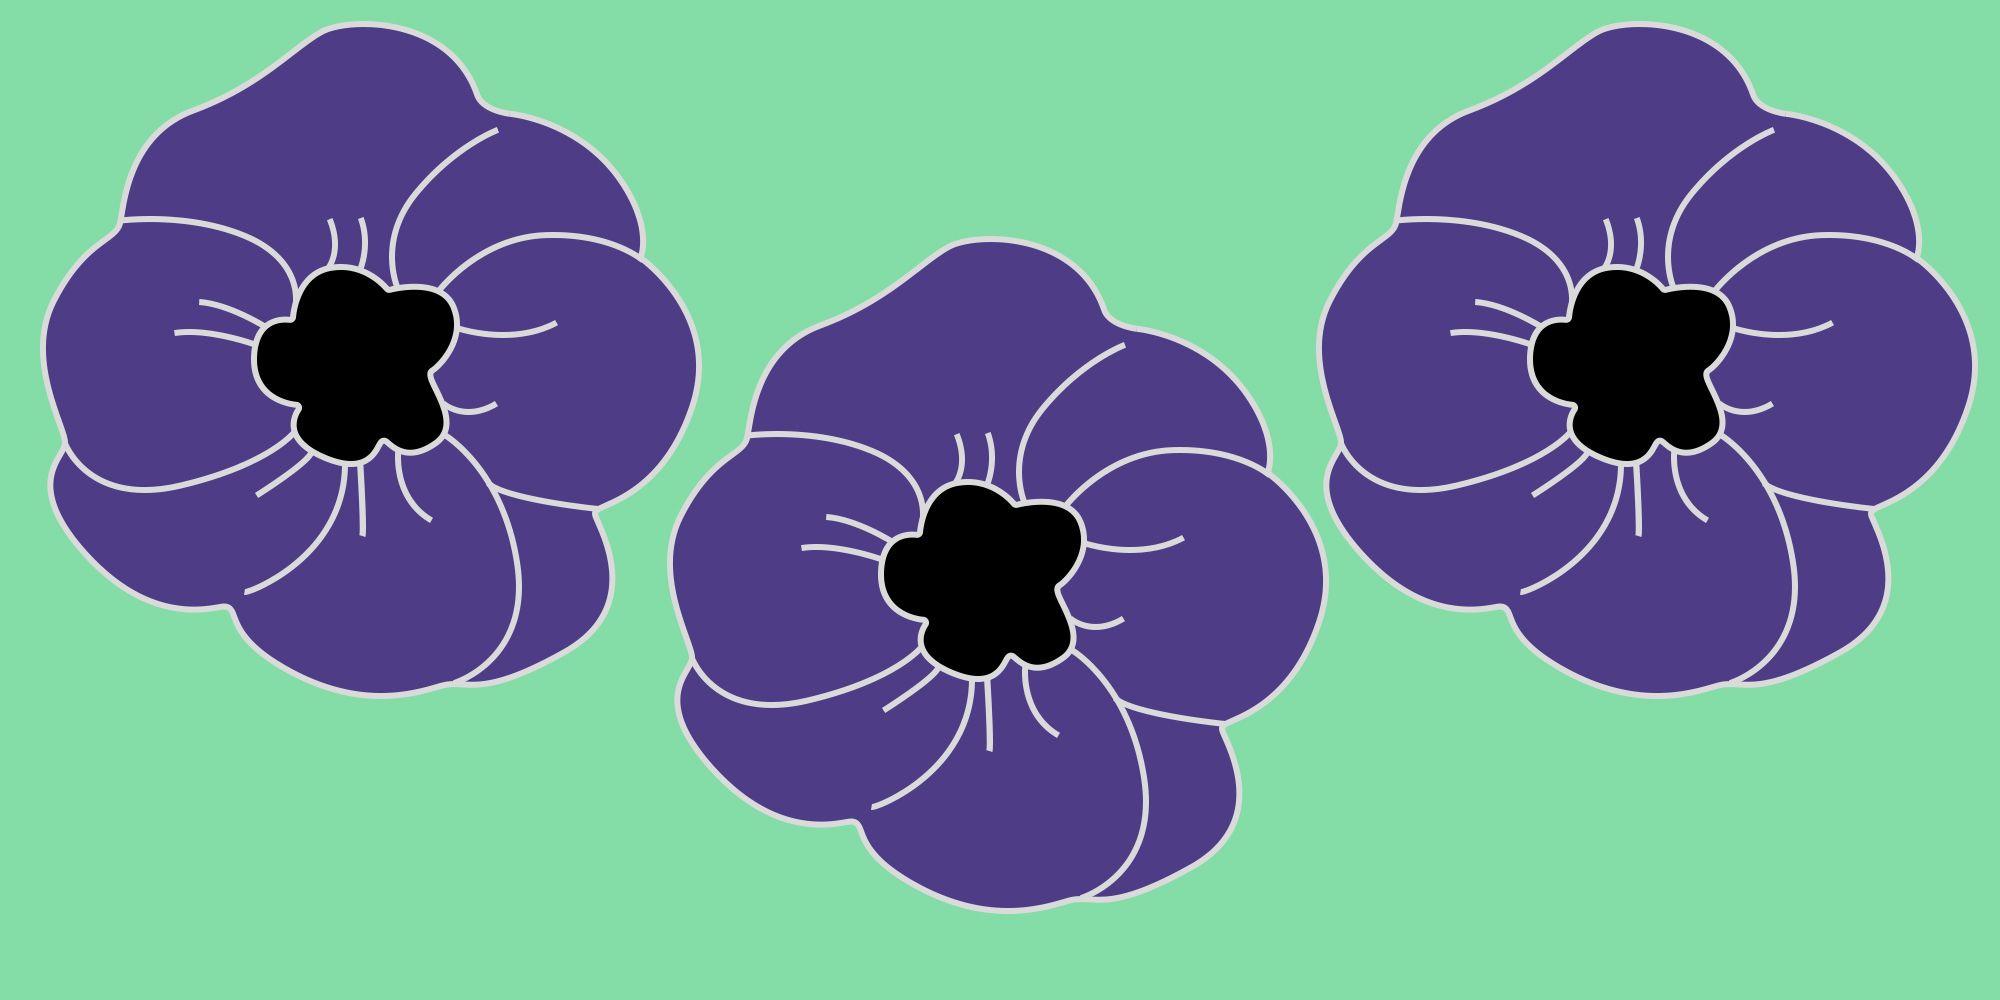 Purple poppy campaign